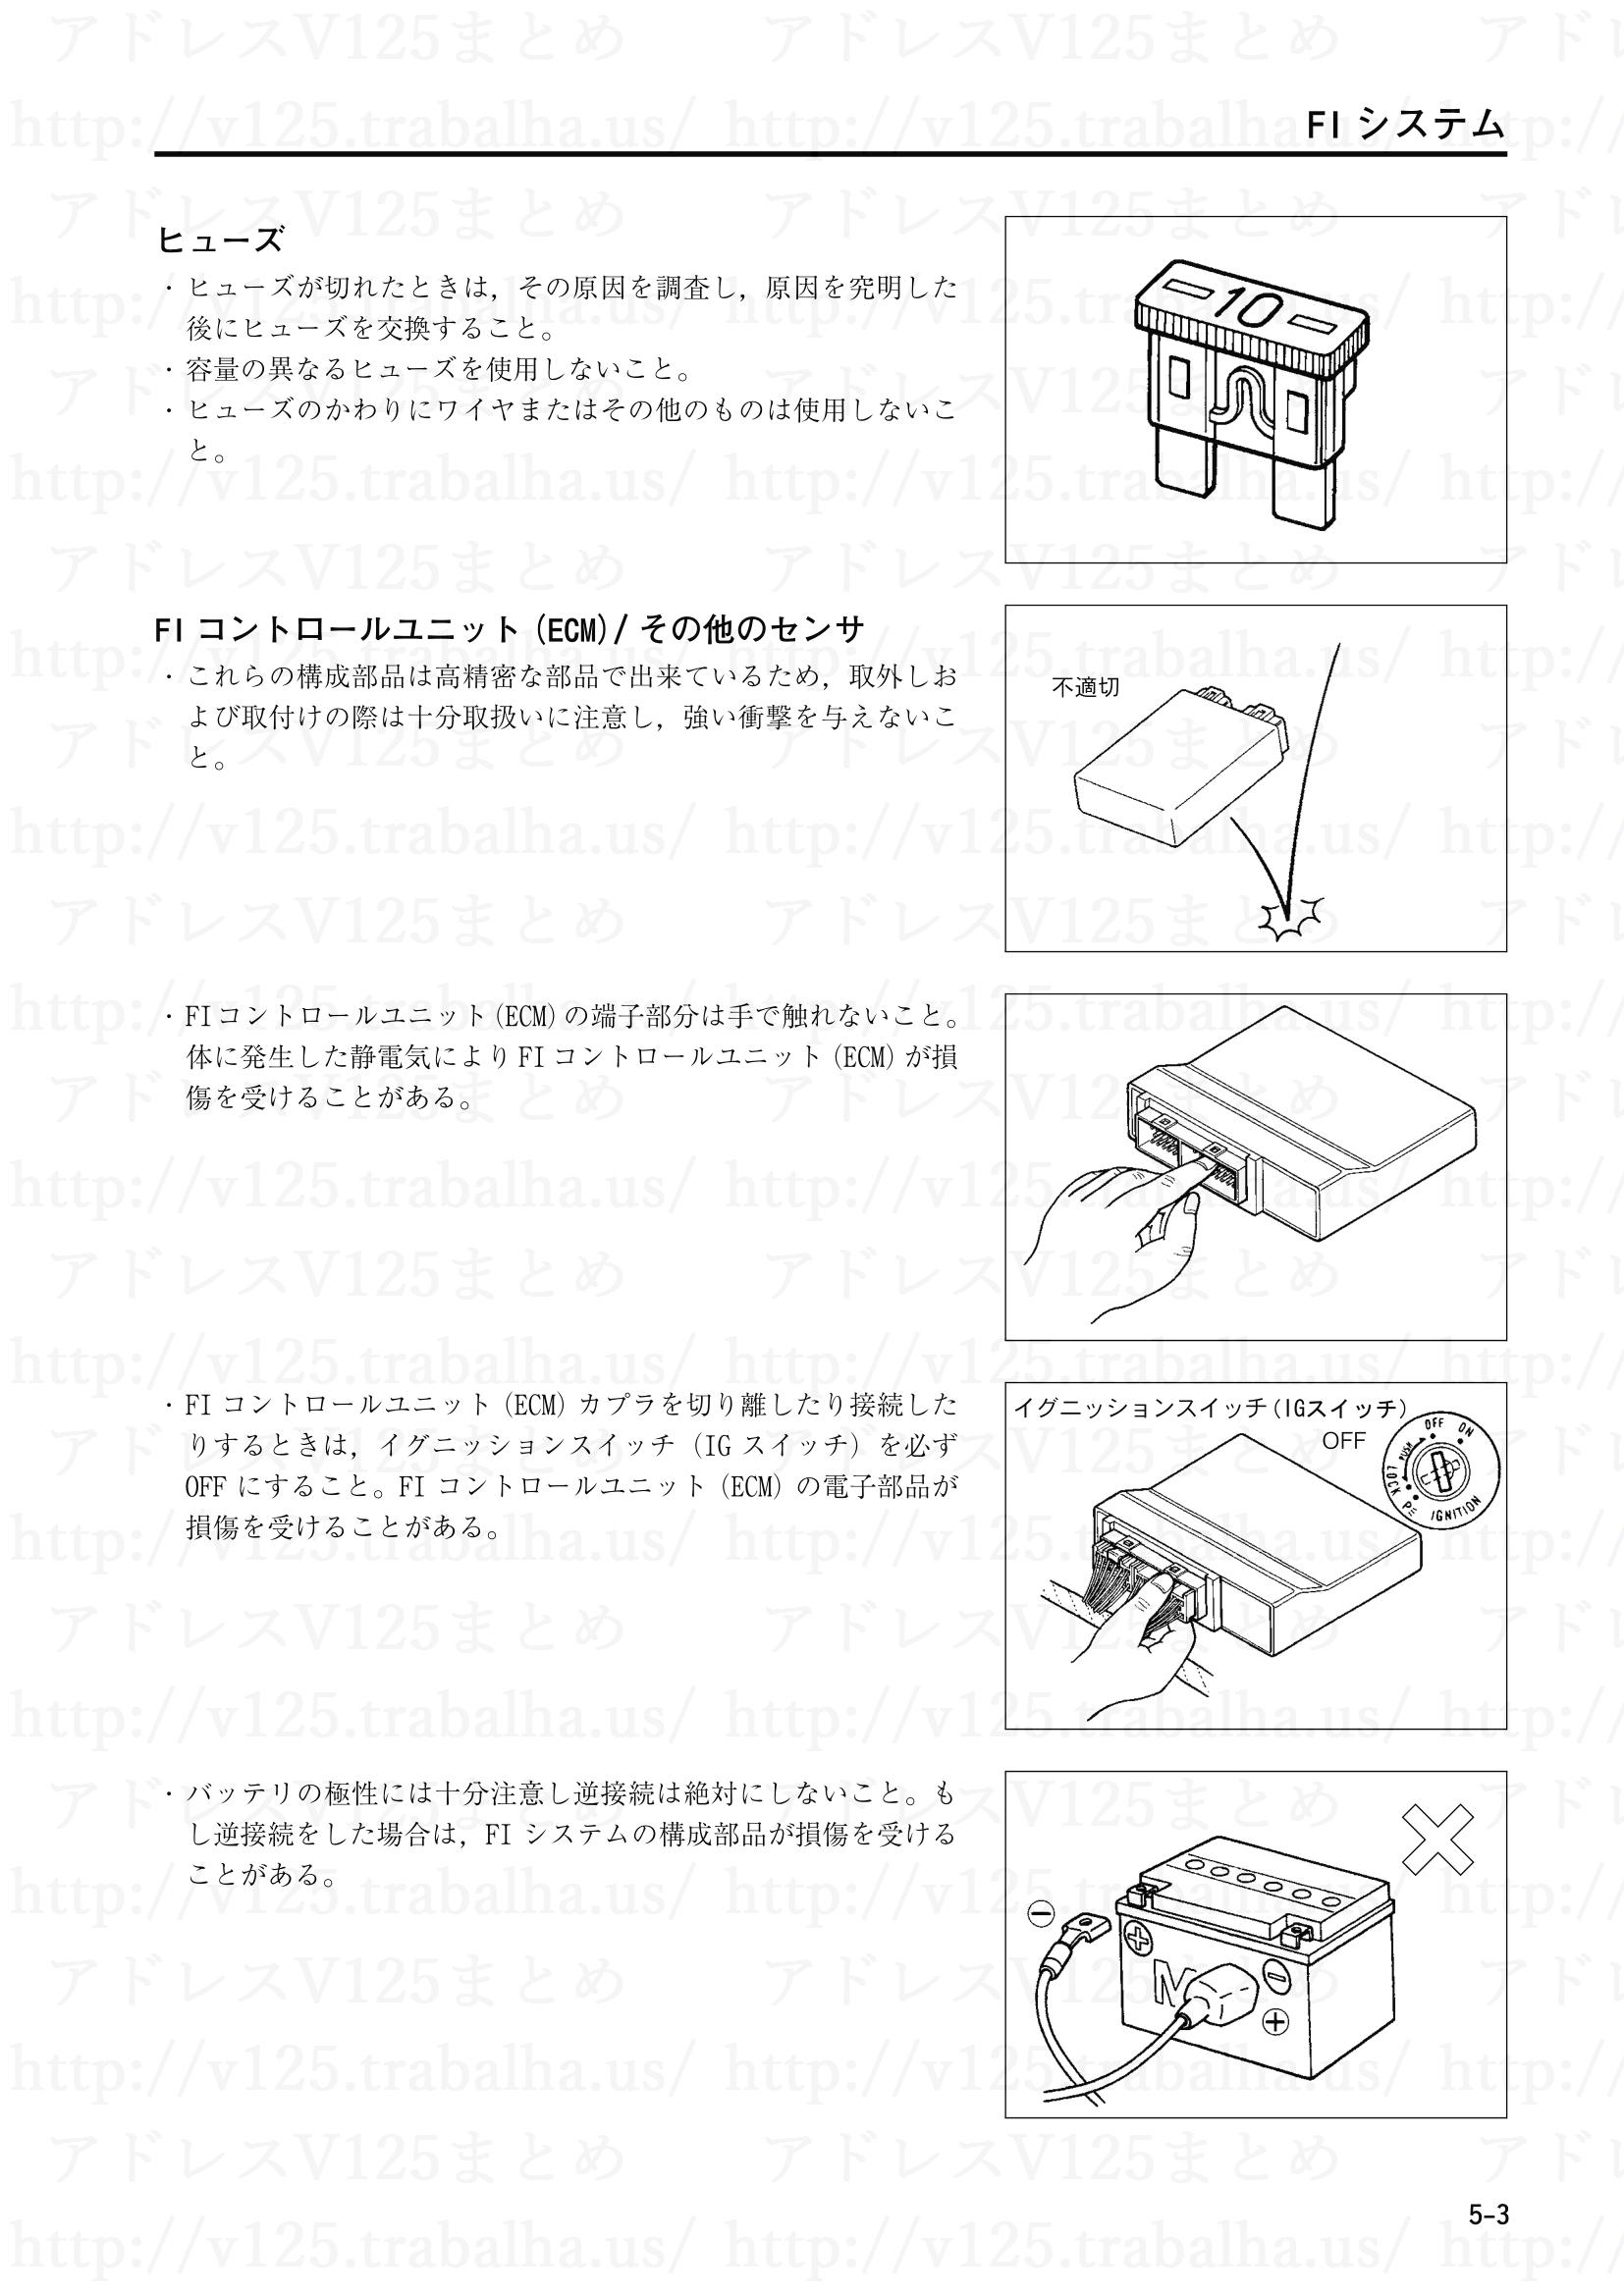 5-3【FIシステム】ヒューズ